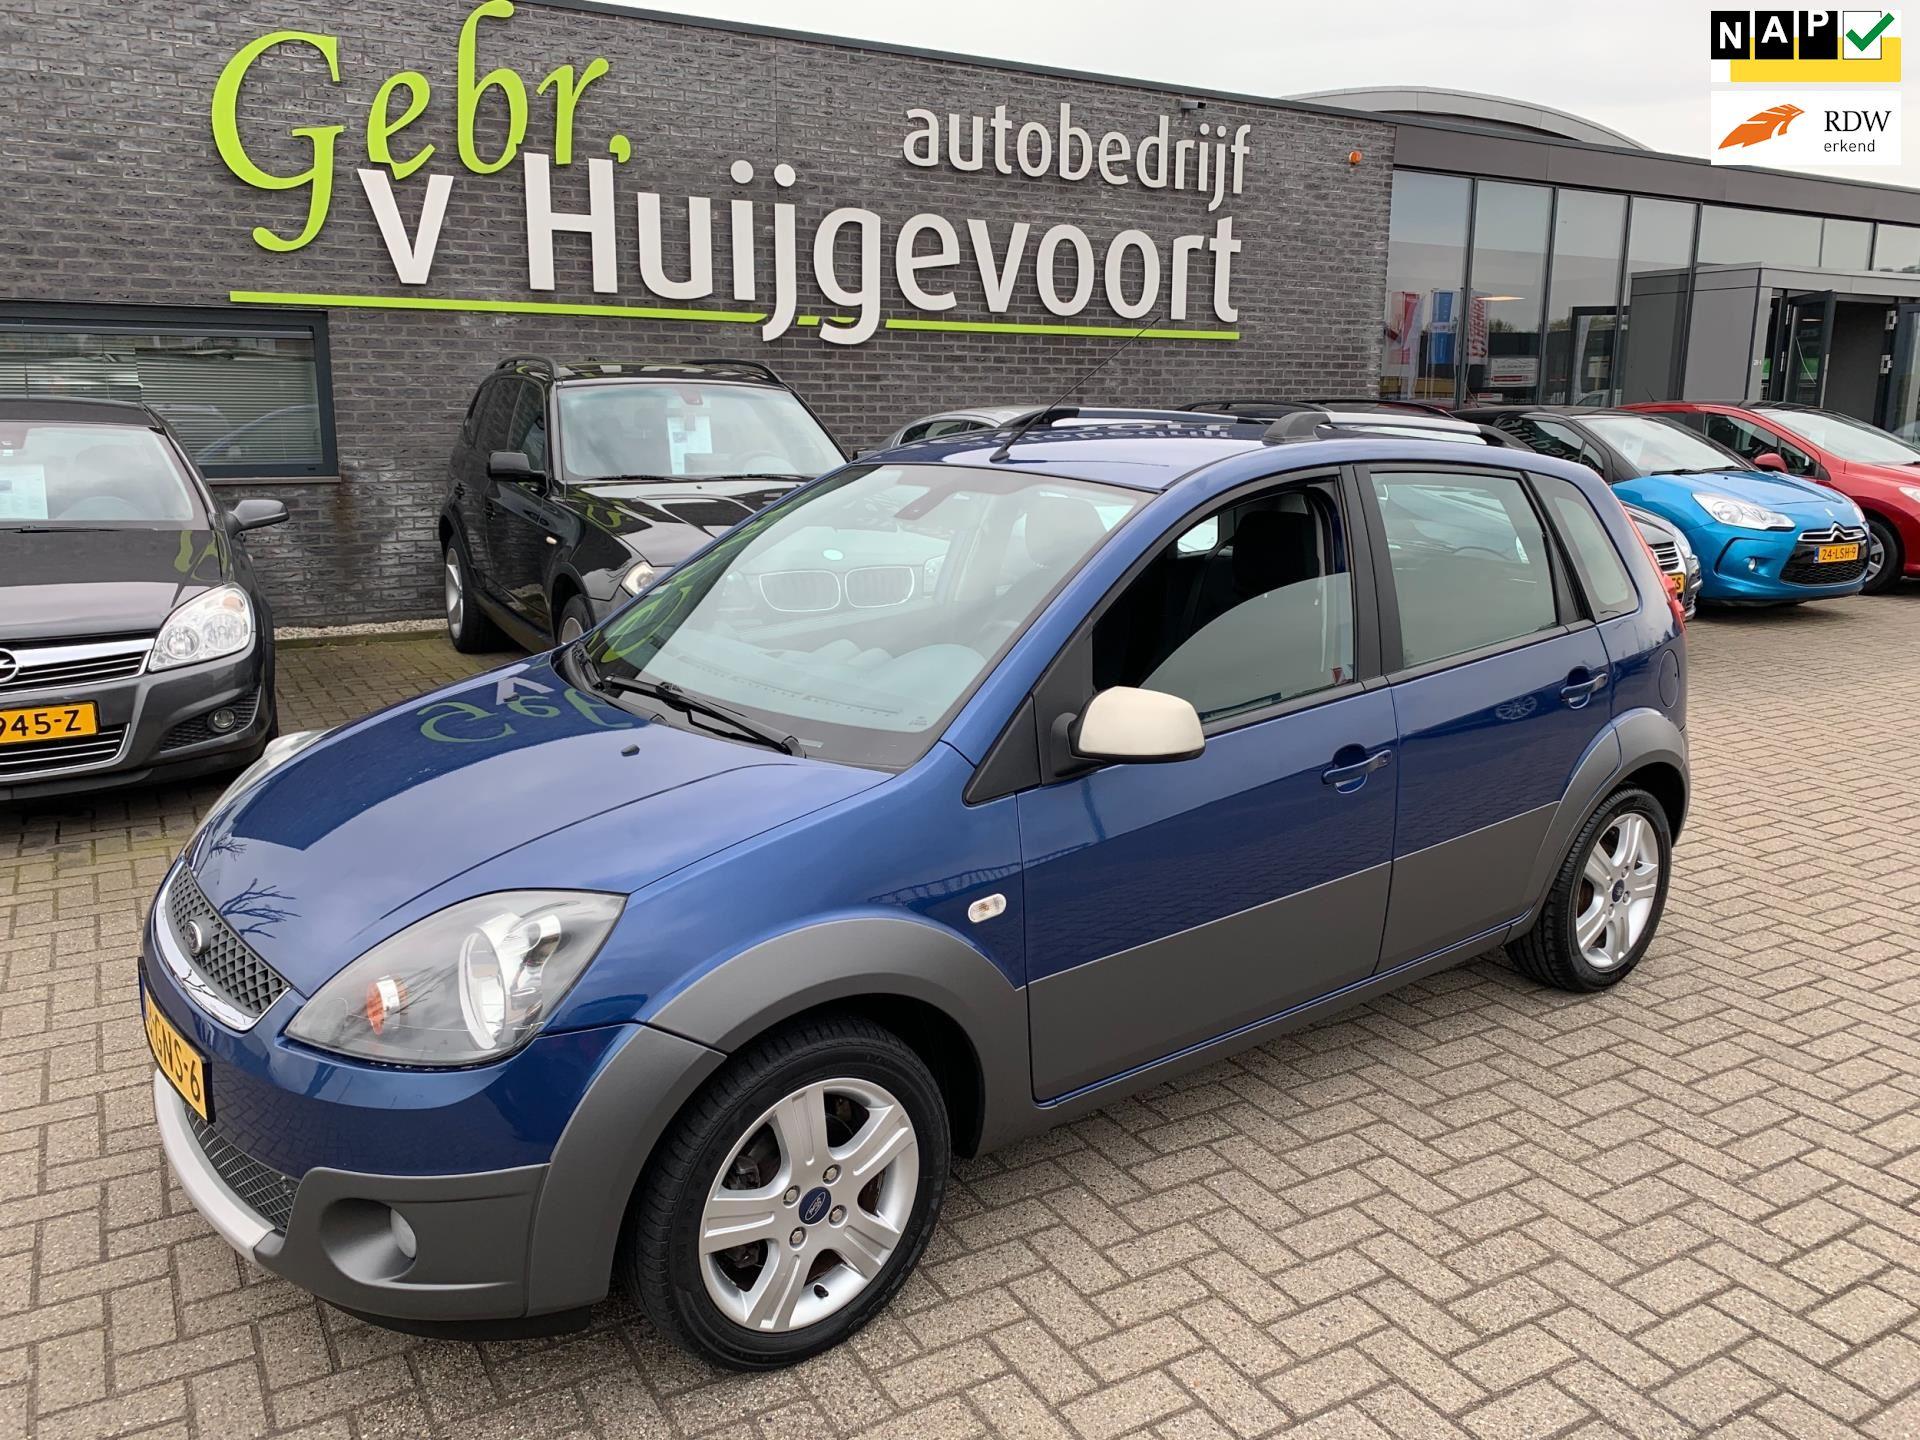 Ford Fiesta occasion - Autobedrijf van Huijgevoort